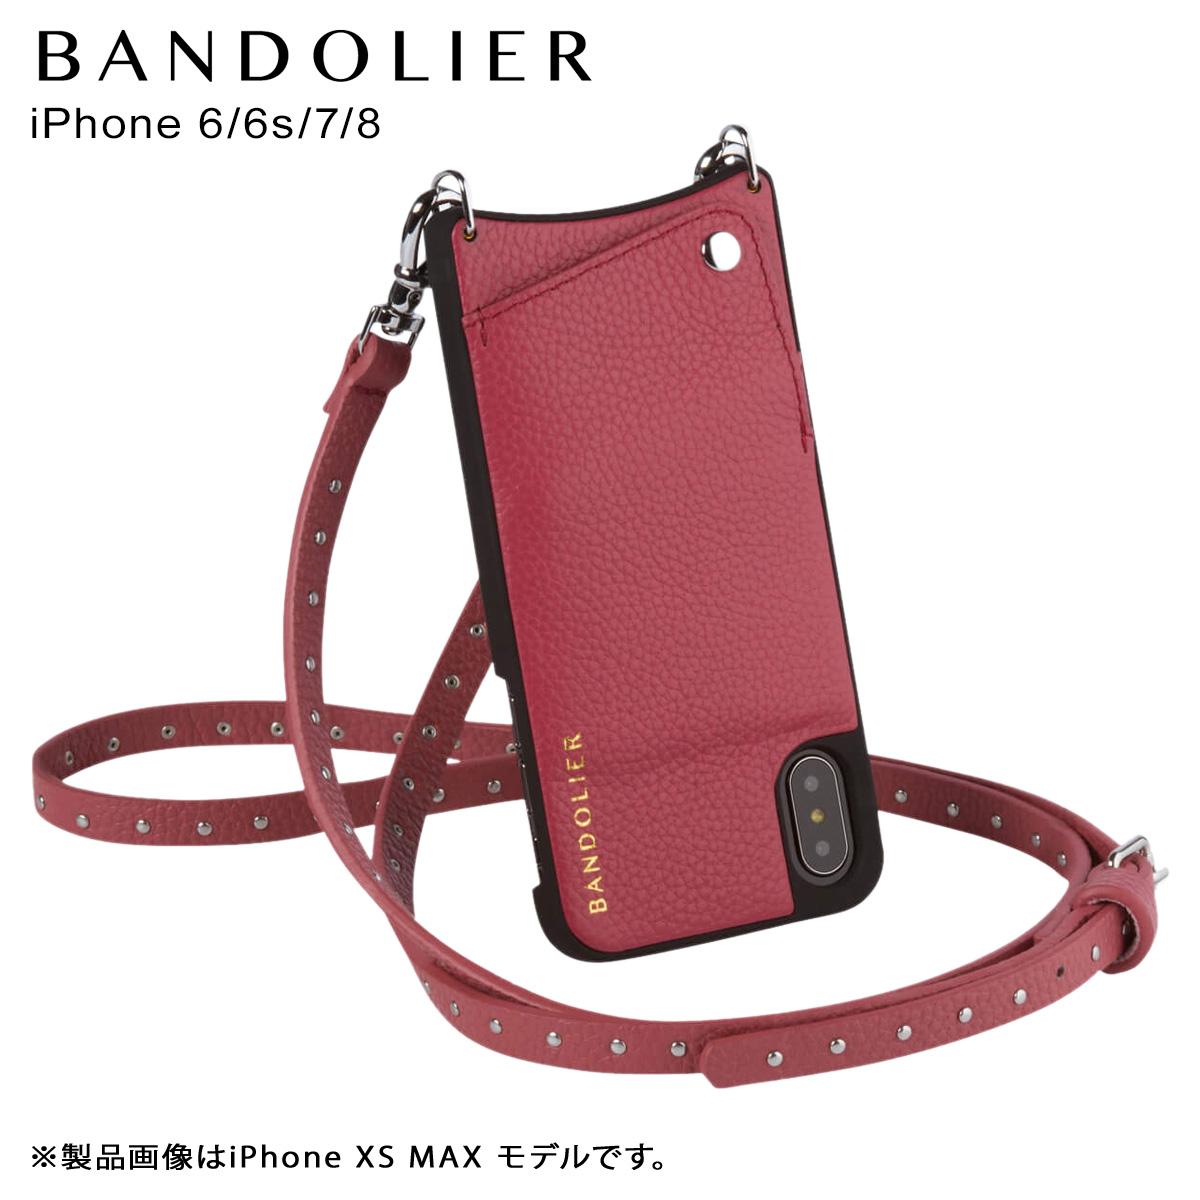 【最大2000円OFFクーポン】 BANDOLIER バンドリヤー iPhone 8 7 6s 6 ケース ショルダー スマホ アイフォン レザー NICOLE MAGENTA RED メンズ レディース マゼンタ レッド 10NIC1001 [2/1 新入荷]